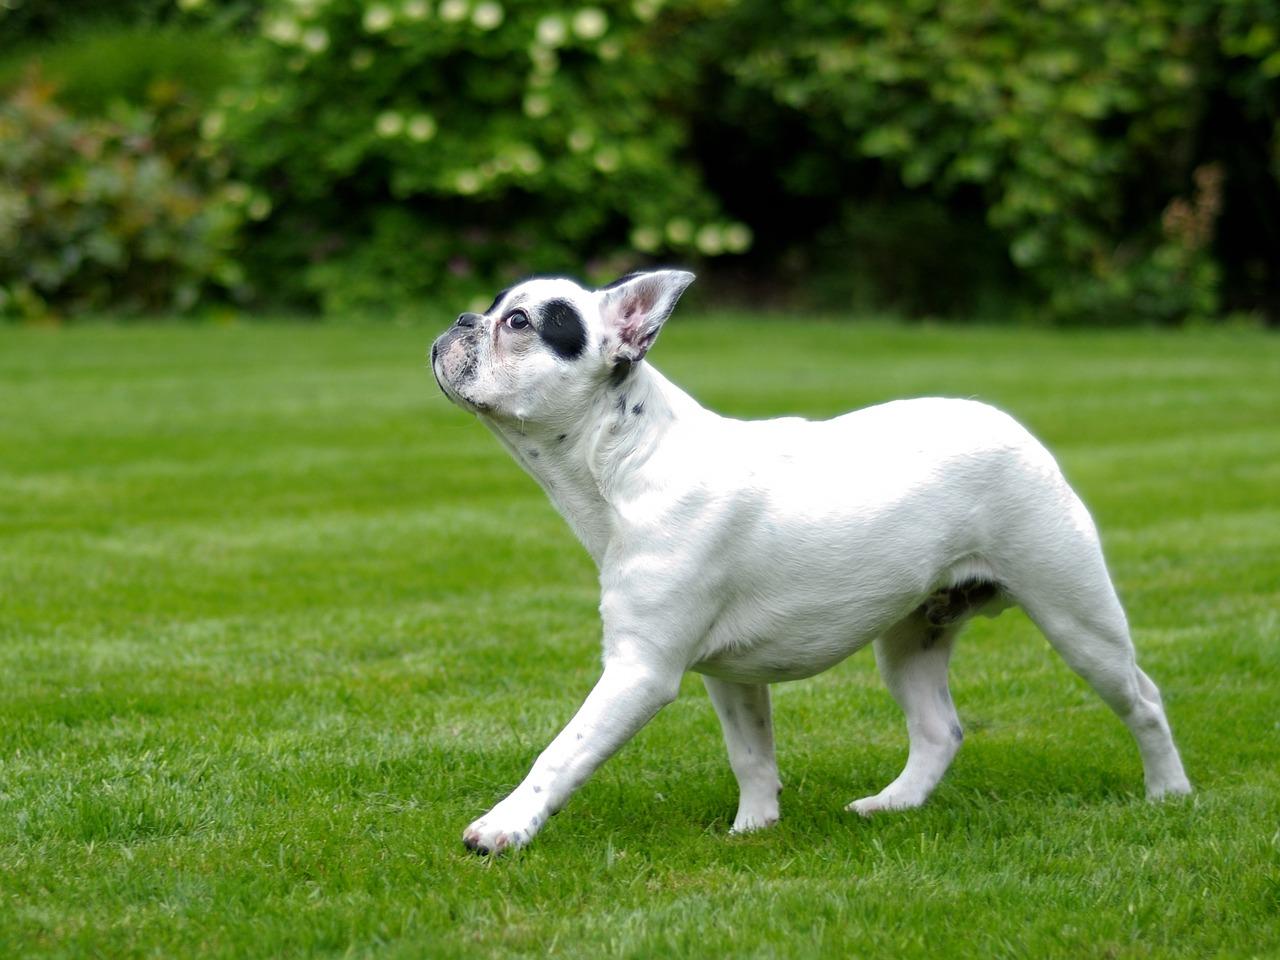 Bulldog vuole andare al parco